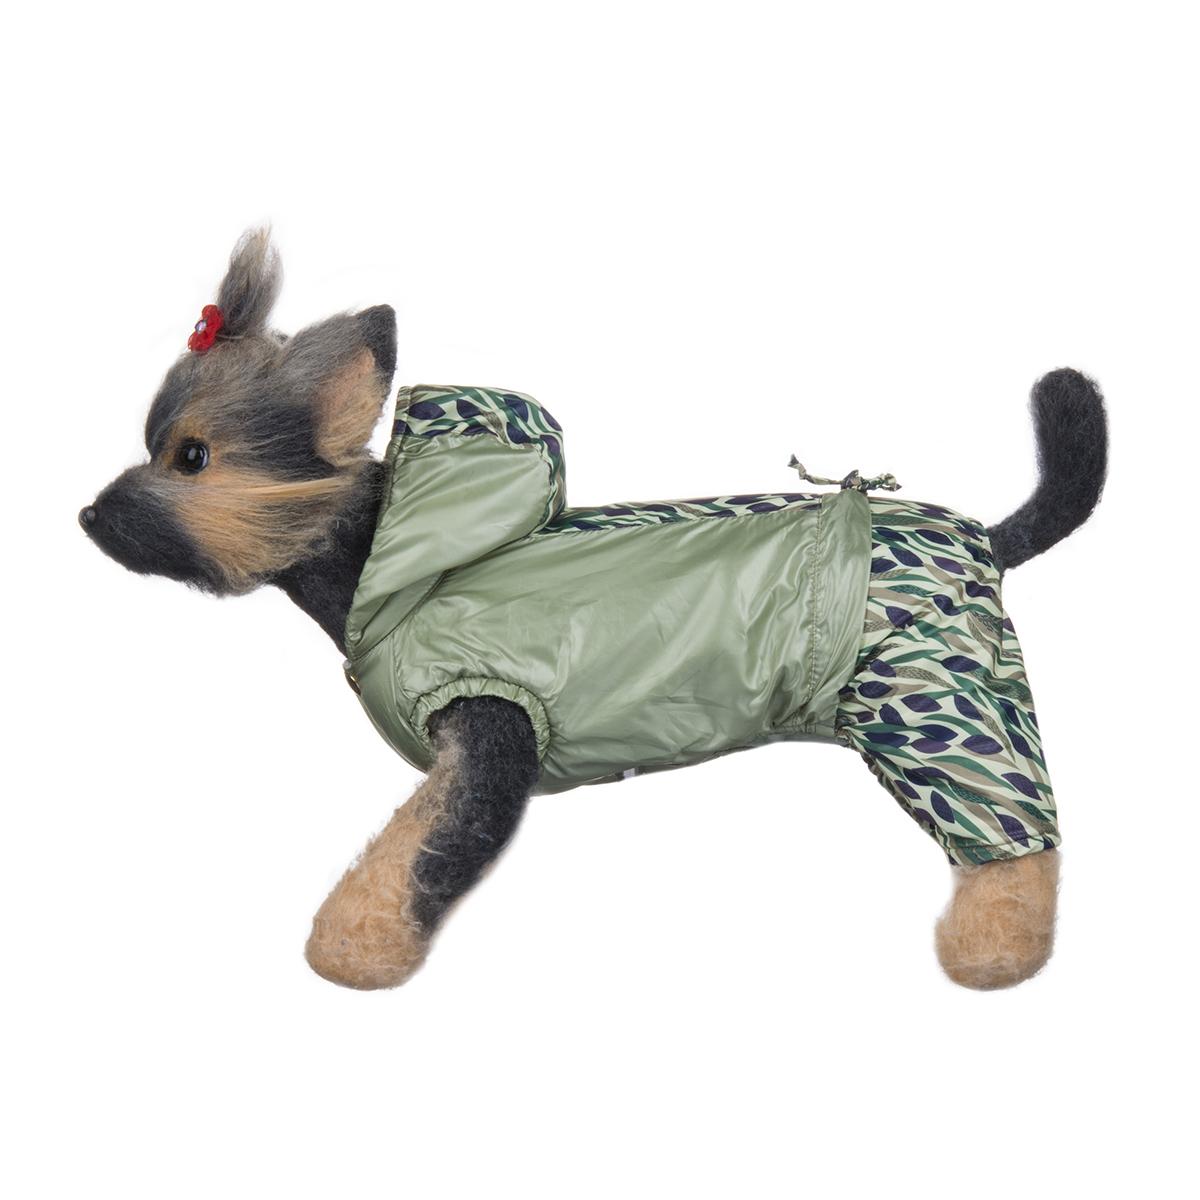 Комбинезон для собак Dogmoda Вояж, унисекс, цвет: светло-зеленый. Размер 2 (M)DM-150304-2Комбинезон для собак Dogmoda Вояж отлично подойдет для прогулок в прохладное время года. Комбинезон изготовлен из полиэстера, защищающего от ветра и осадков, а на подкладке используется флис, который отлично сохраняет тепло и обеспечивает воздухообмен. Комбинезон с капюшоном застегивается на кнопки, благодаря чему его легко надевать и снимать. Капюшон имеет по краю внутреннюю резинку и не отстегивается. Изделие имеет длинные брючины и специальные прорези для передних лапок, которые оснащены внутренними резинками, мягко обхватывающими лапки, не позволяя просачиваться холодному воздуху. На пояснице комбинезон затягивается на шнурок-кулиску.Благодаря такому комбинезону простуда не грозит вашему питомцу.Одежда для собак: нужна ли она и как её выбрать. Статья OZON Гид